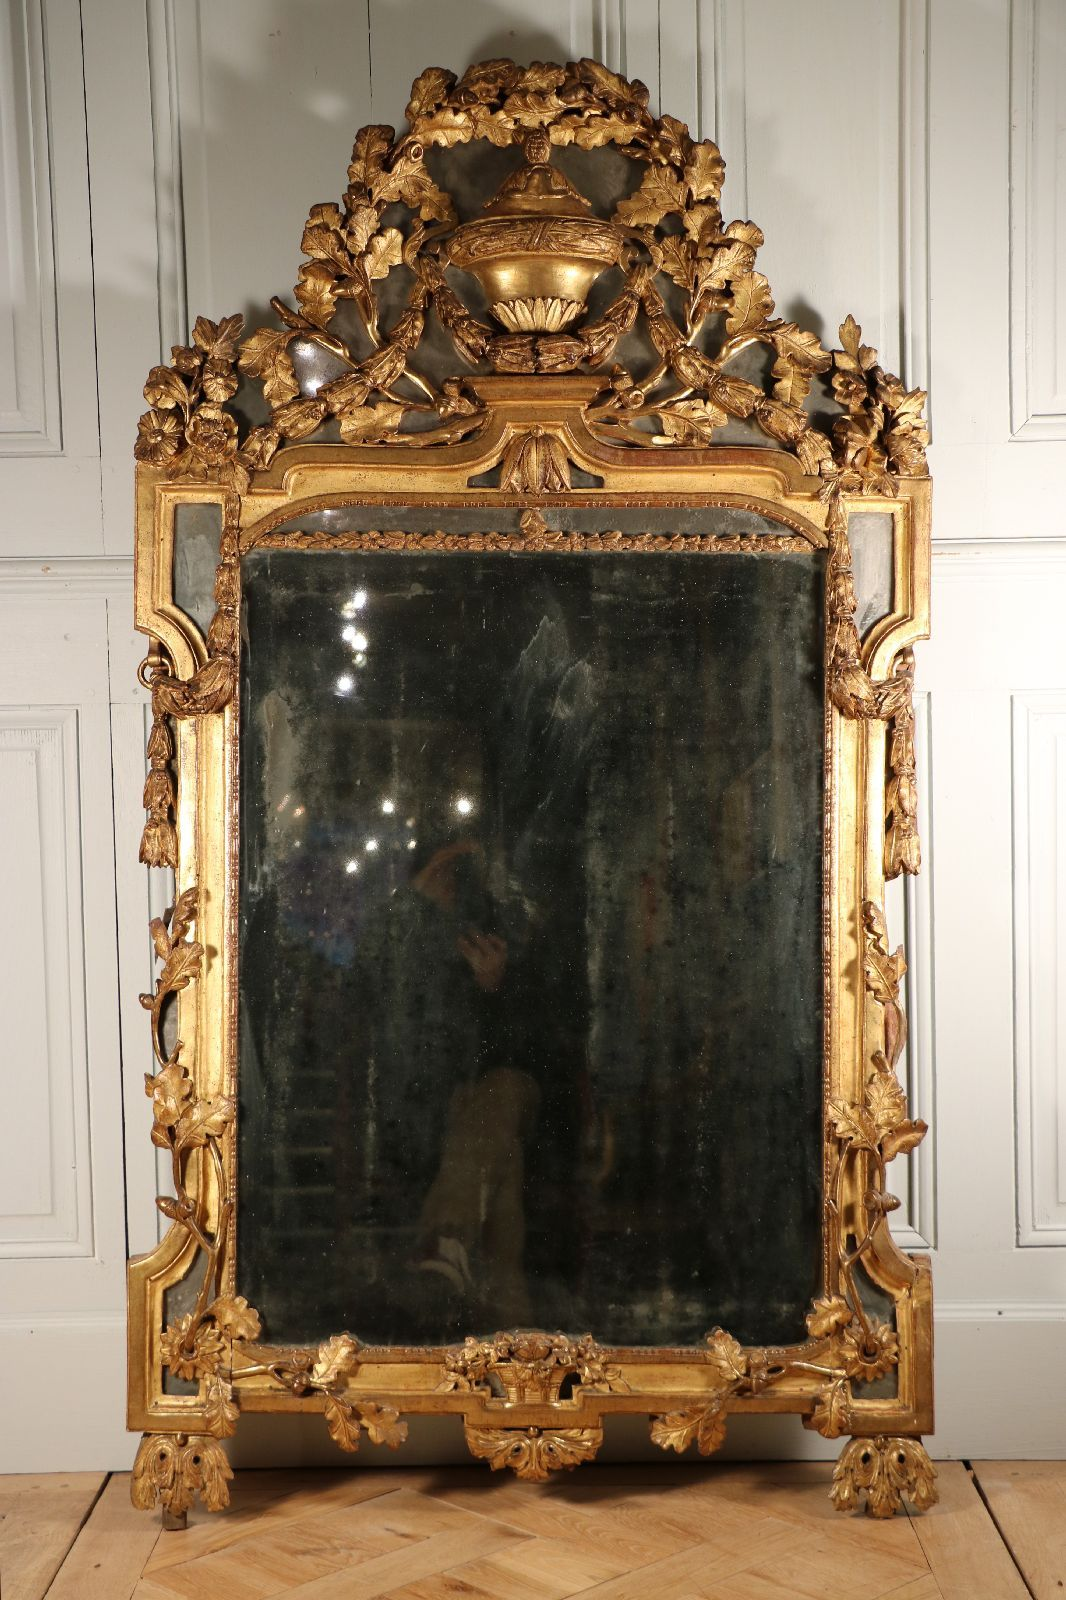 Brochure miroir parcloses en bois dor n oclassique vers 1770 1780 de forme rectangulaire for Miroir dore rectangulaire